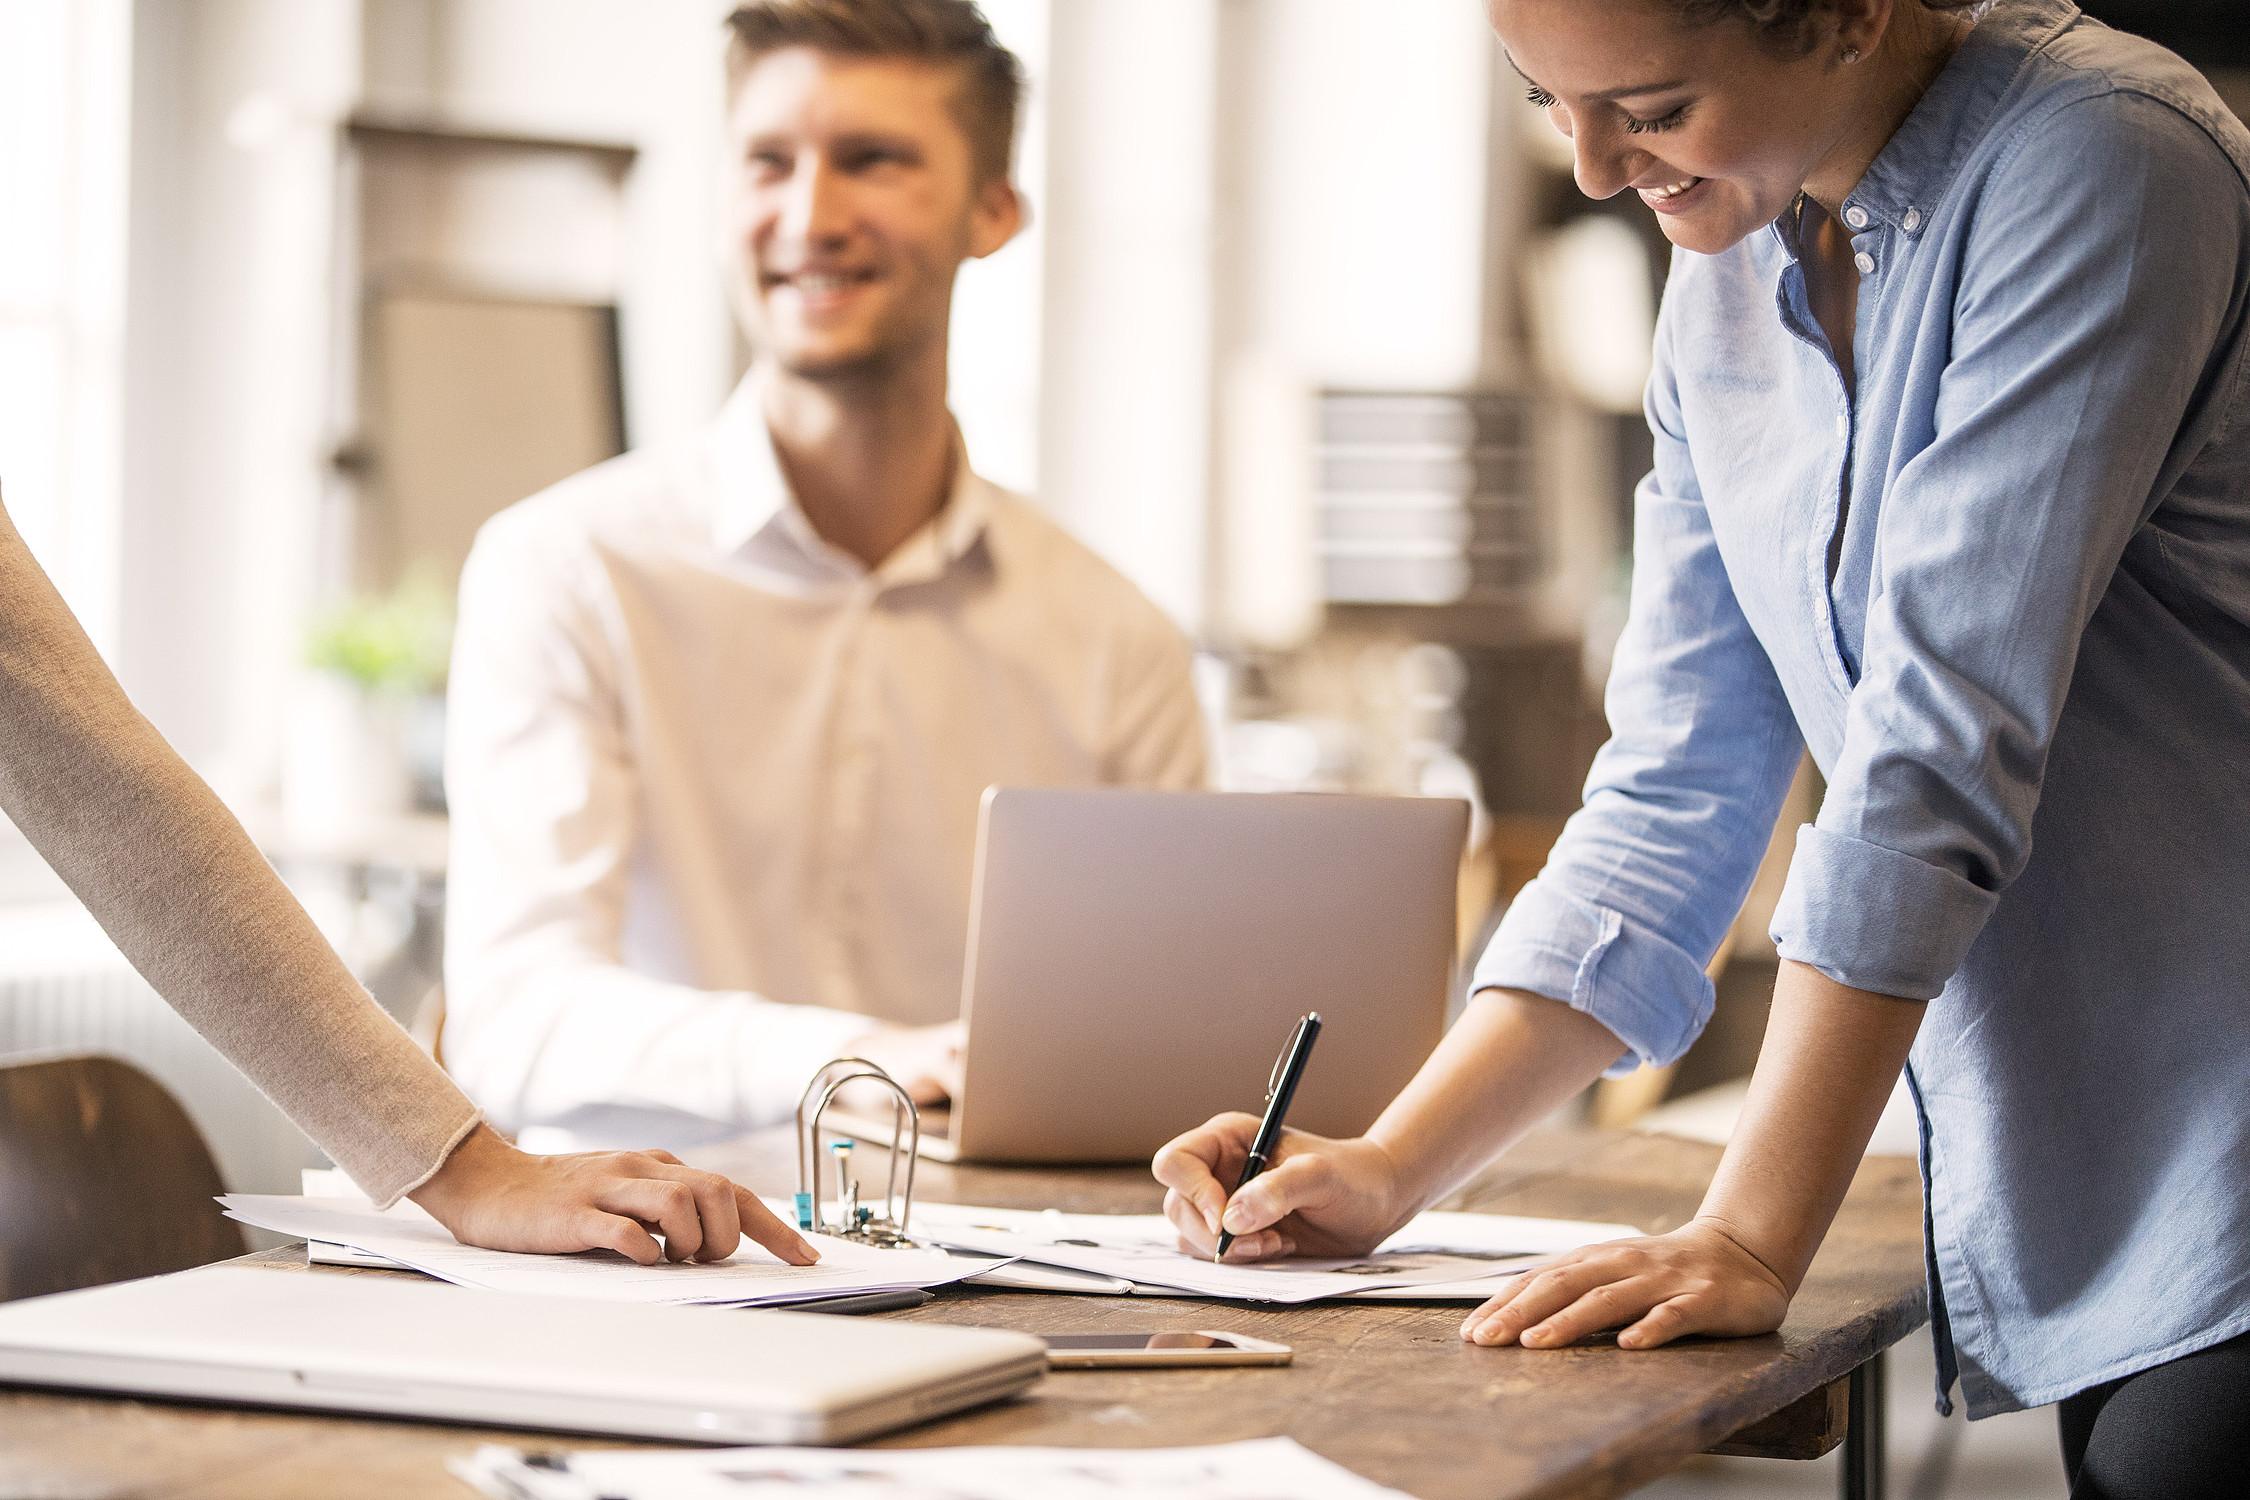 Frau macht Notizen während Finanzgespräch mit Kollegen